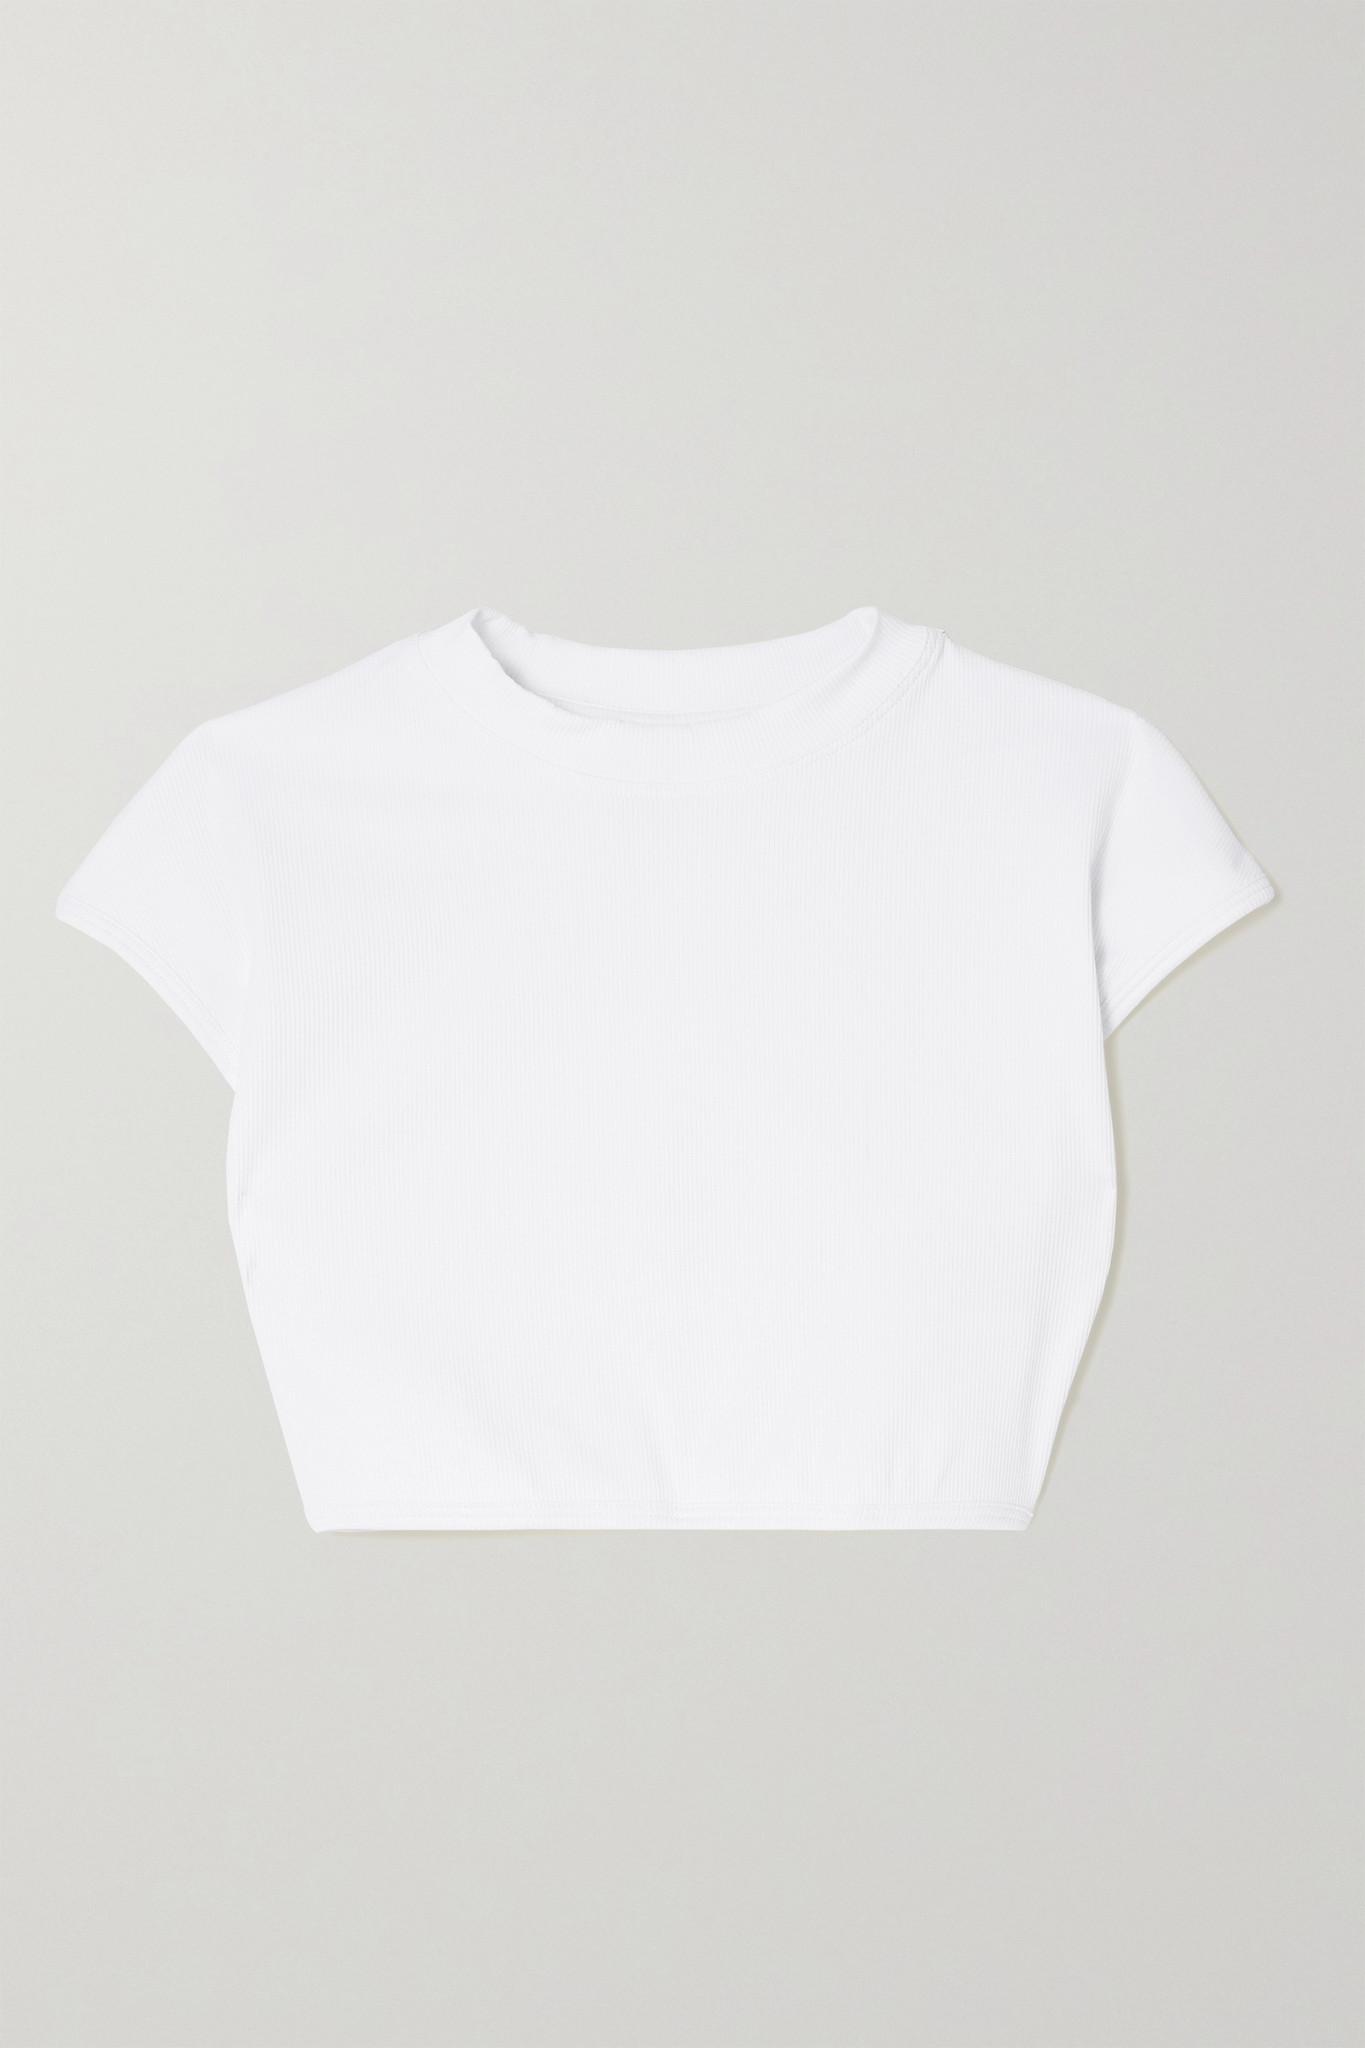 THE ATTICO - 罗纹比基尼上装 - 白色 - medium